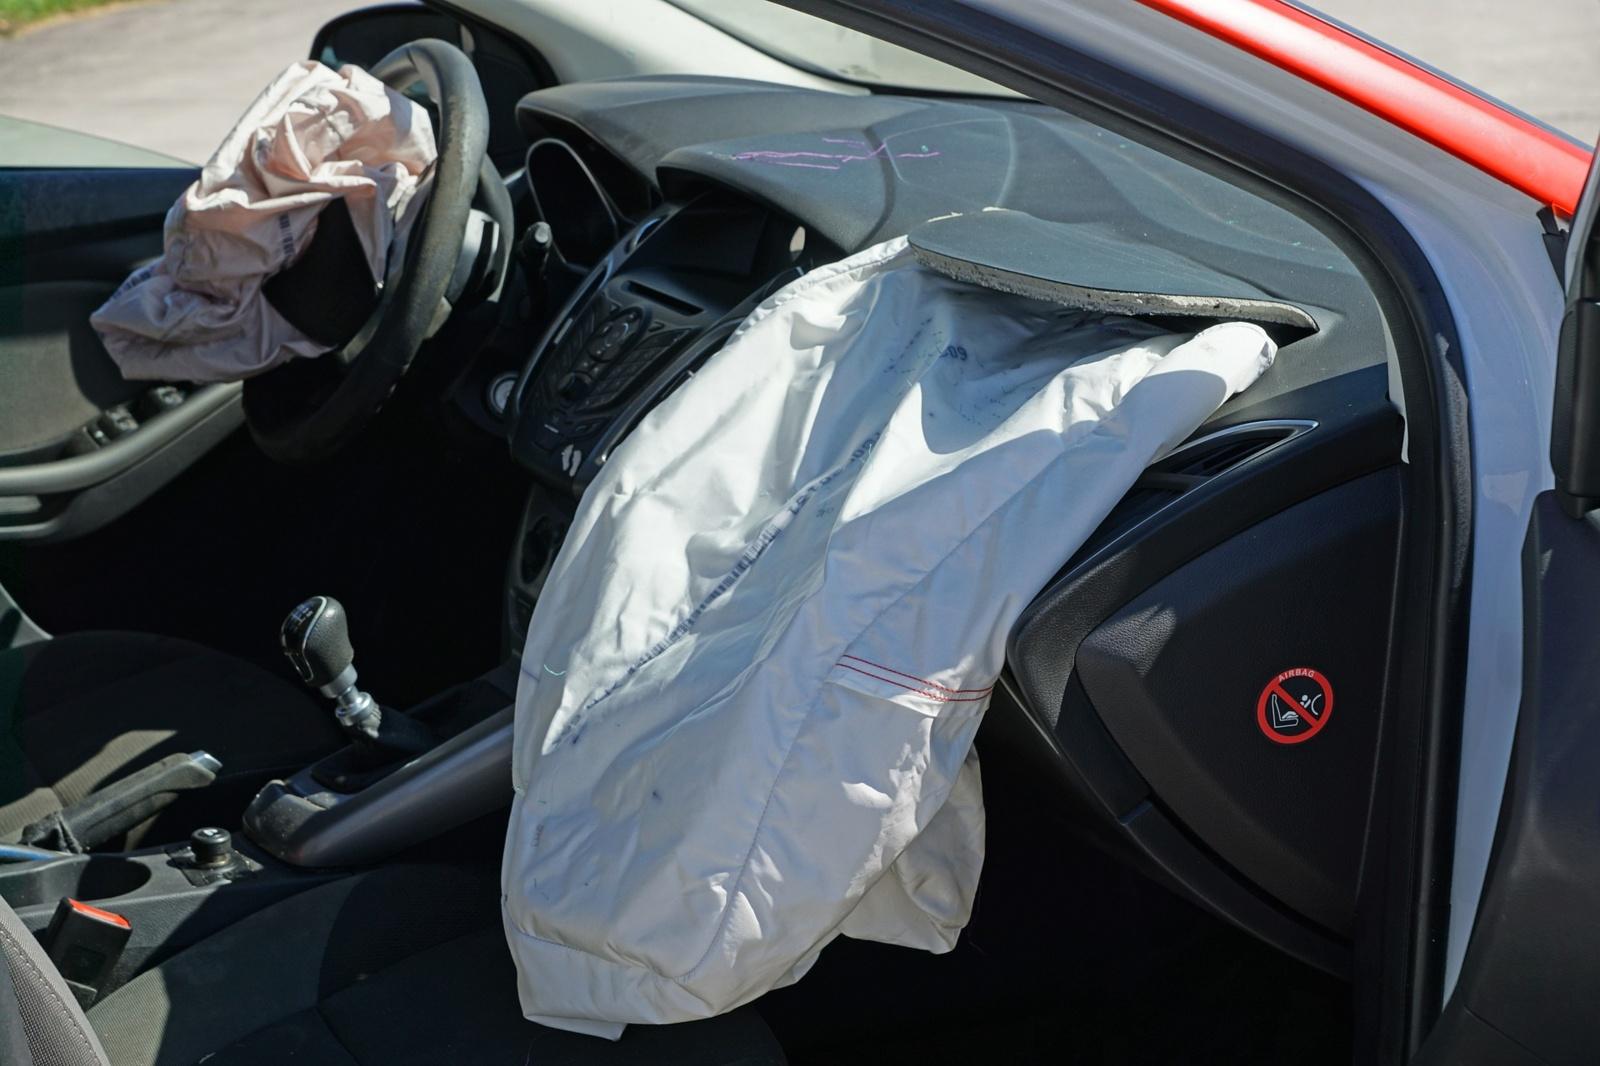 Prienuose susidūrus automobiliams nukentėjo mažametis